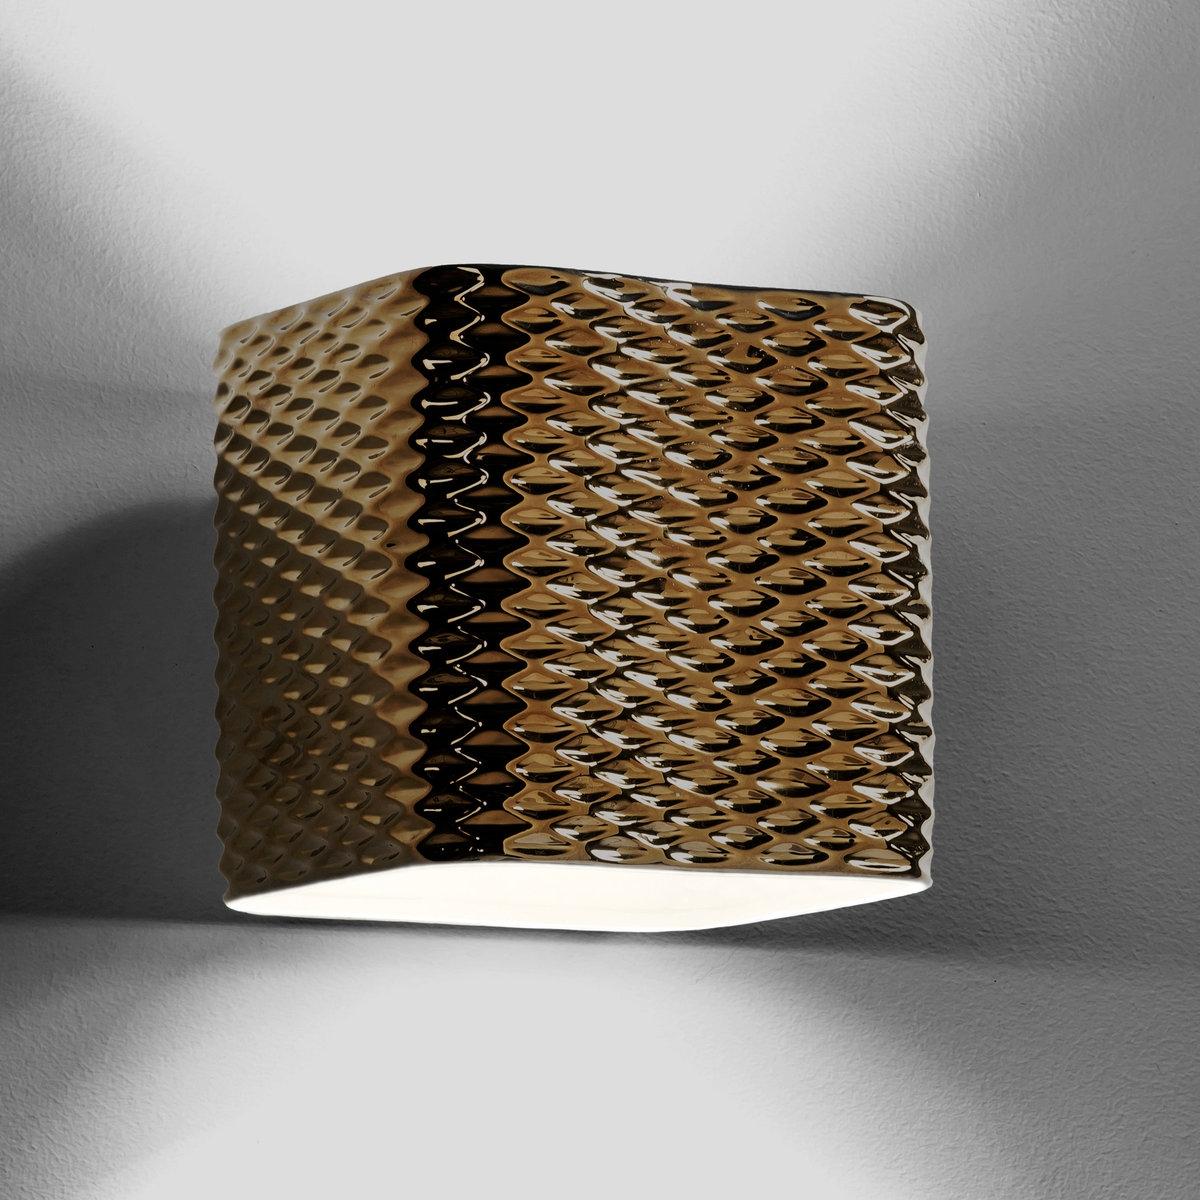 Светильник NastassiaИз рельефной блестящей керамики красно-коричневого цвета . Этот светильник привнесет стильную нотку в ваш интерьер . 2 патрона GU10 для лампочек макс 35 W (не входят в комплект) . Размеры : Д. 22 x Гл.22 x.22 см. Этот светильник совместим с лампочками    энергетического класса   : A-B-C-D-E.<br><br>Цвет: бронзовый